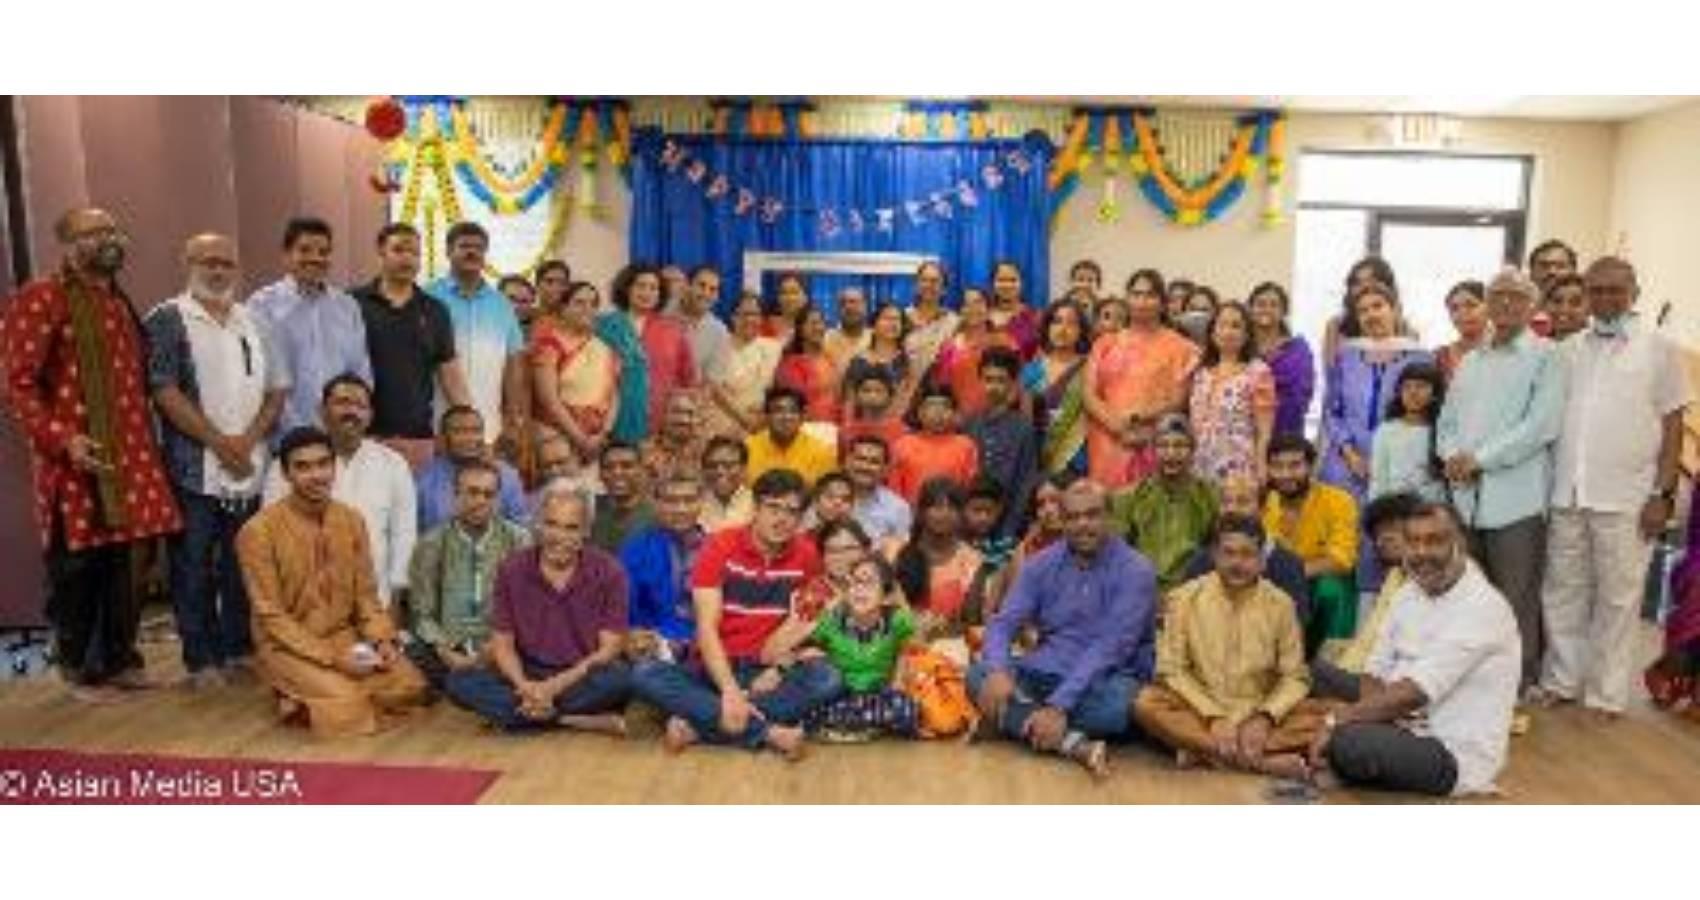 Lord Venkateswara Jaladhivasam Magnificent Mahotsav Held